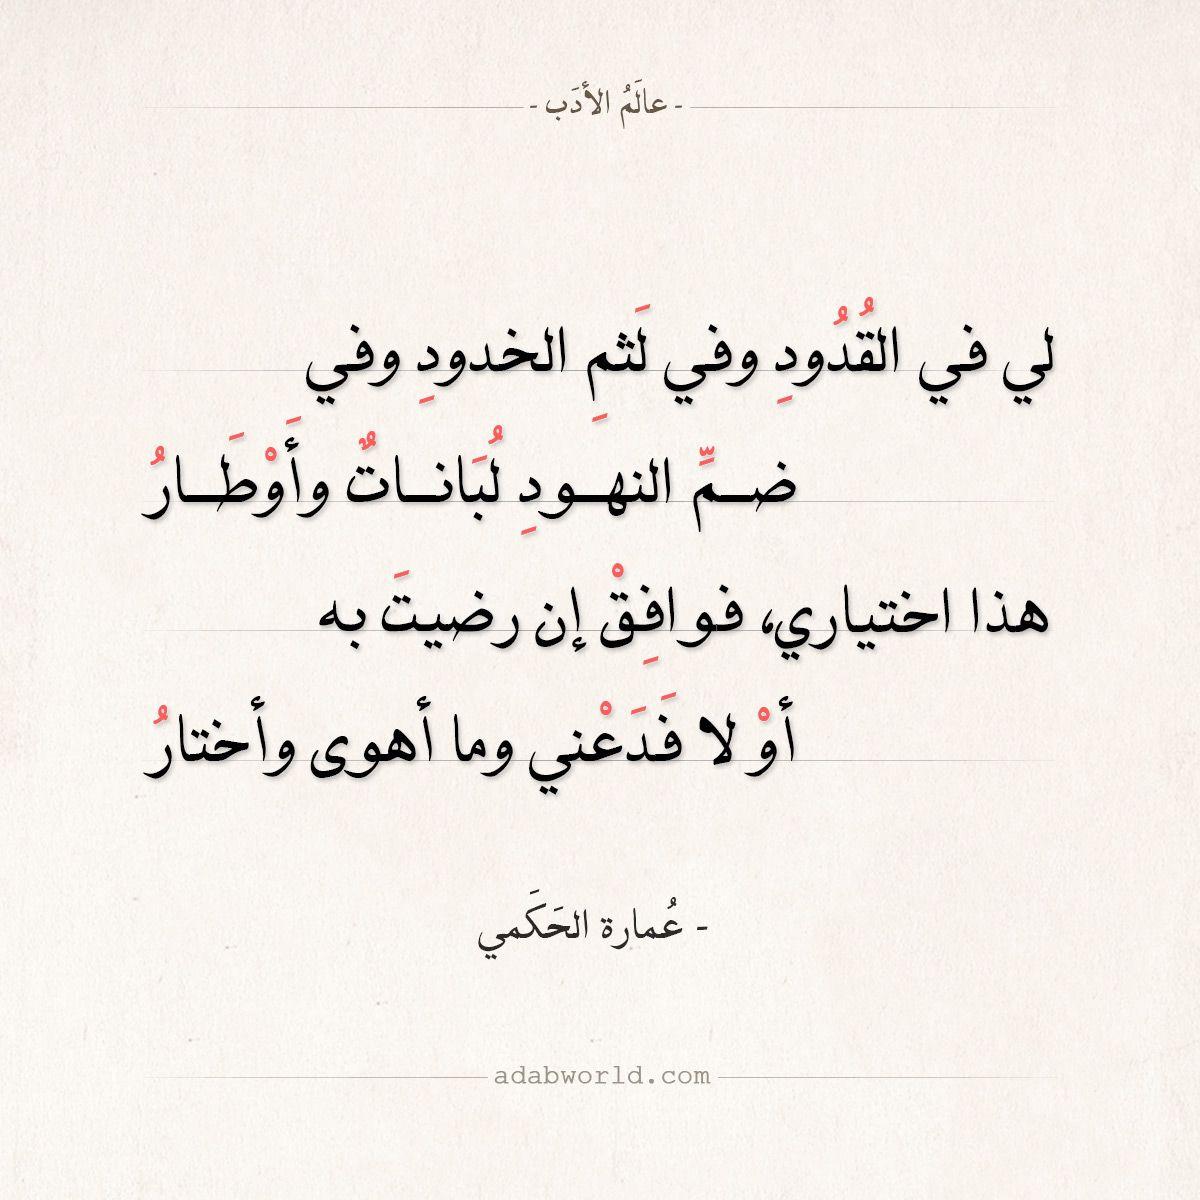 شعر عمارة الحكمي لي في القدود وفي لثم الخدود وفي عالم الأدب Arabic Words Words Arabic Calligraphy